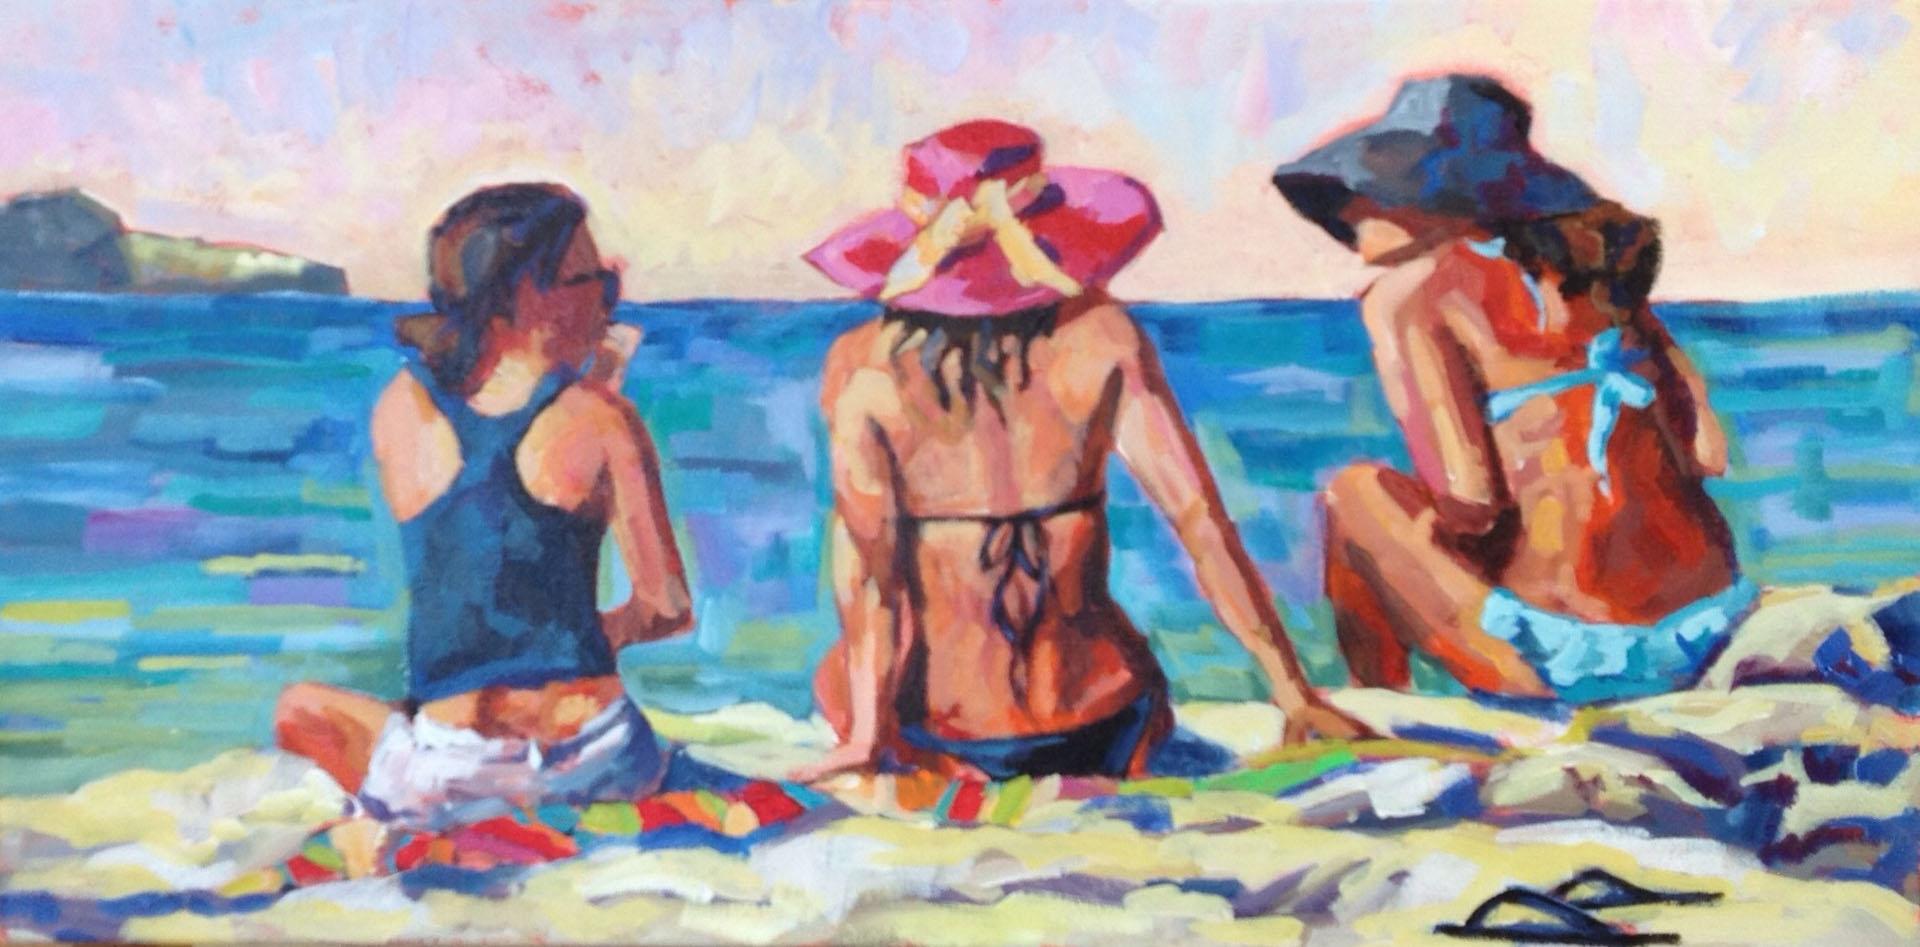 Talk Story - Kailua Beach 12 x 24